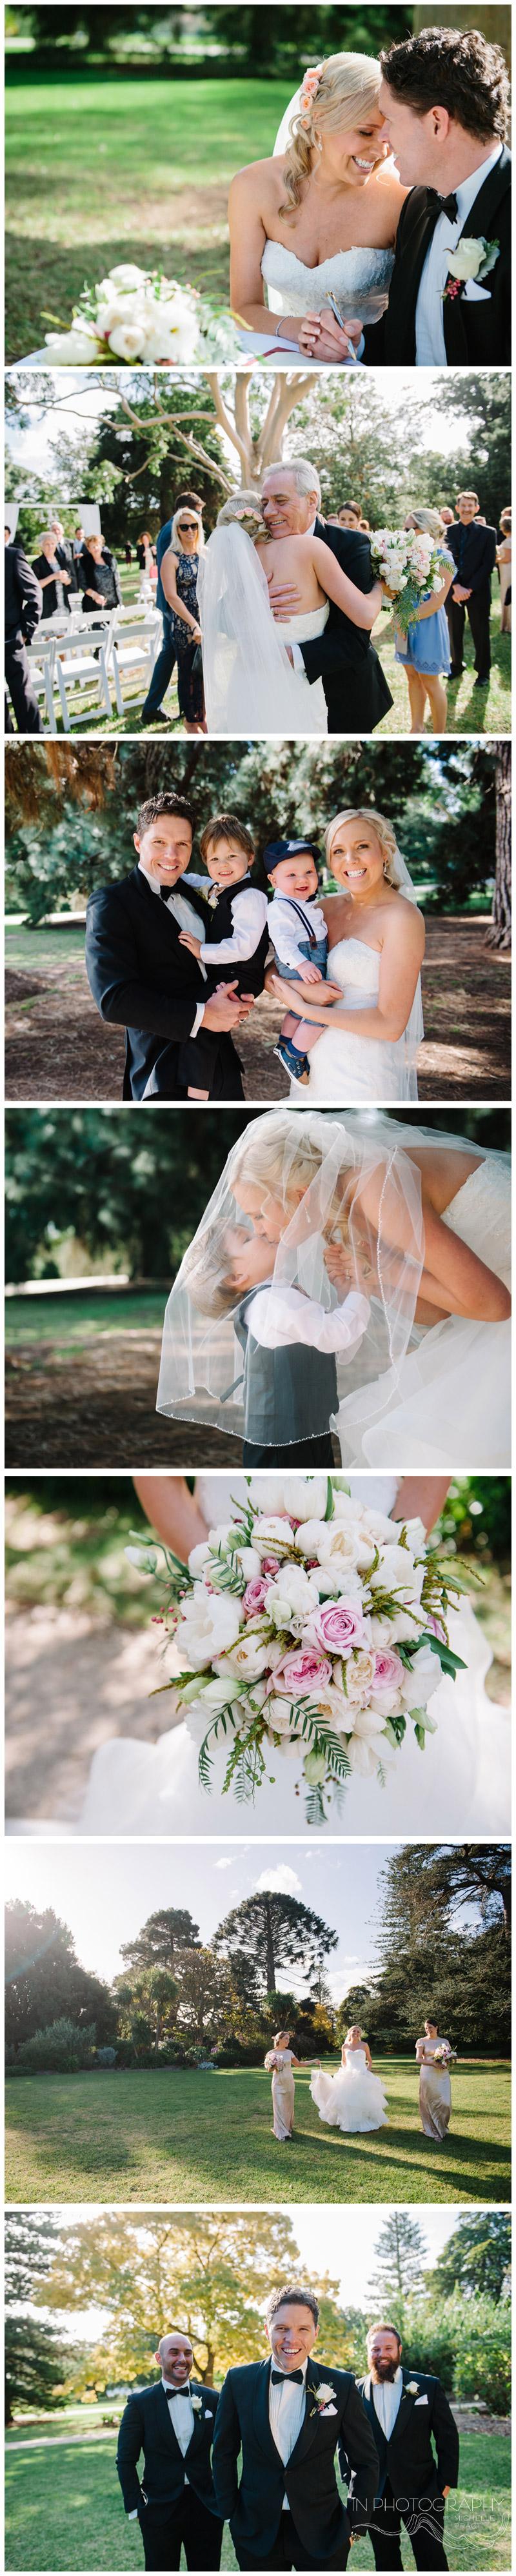 garden wedding ceremony at Werribee Mansion